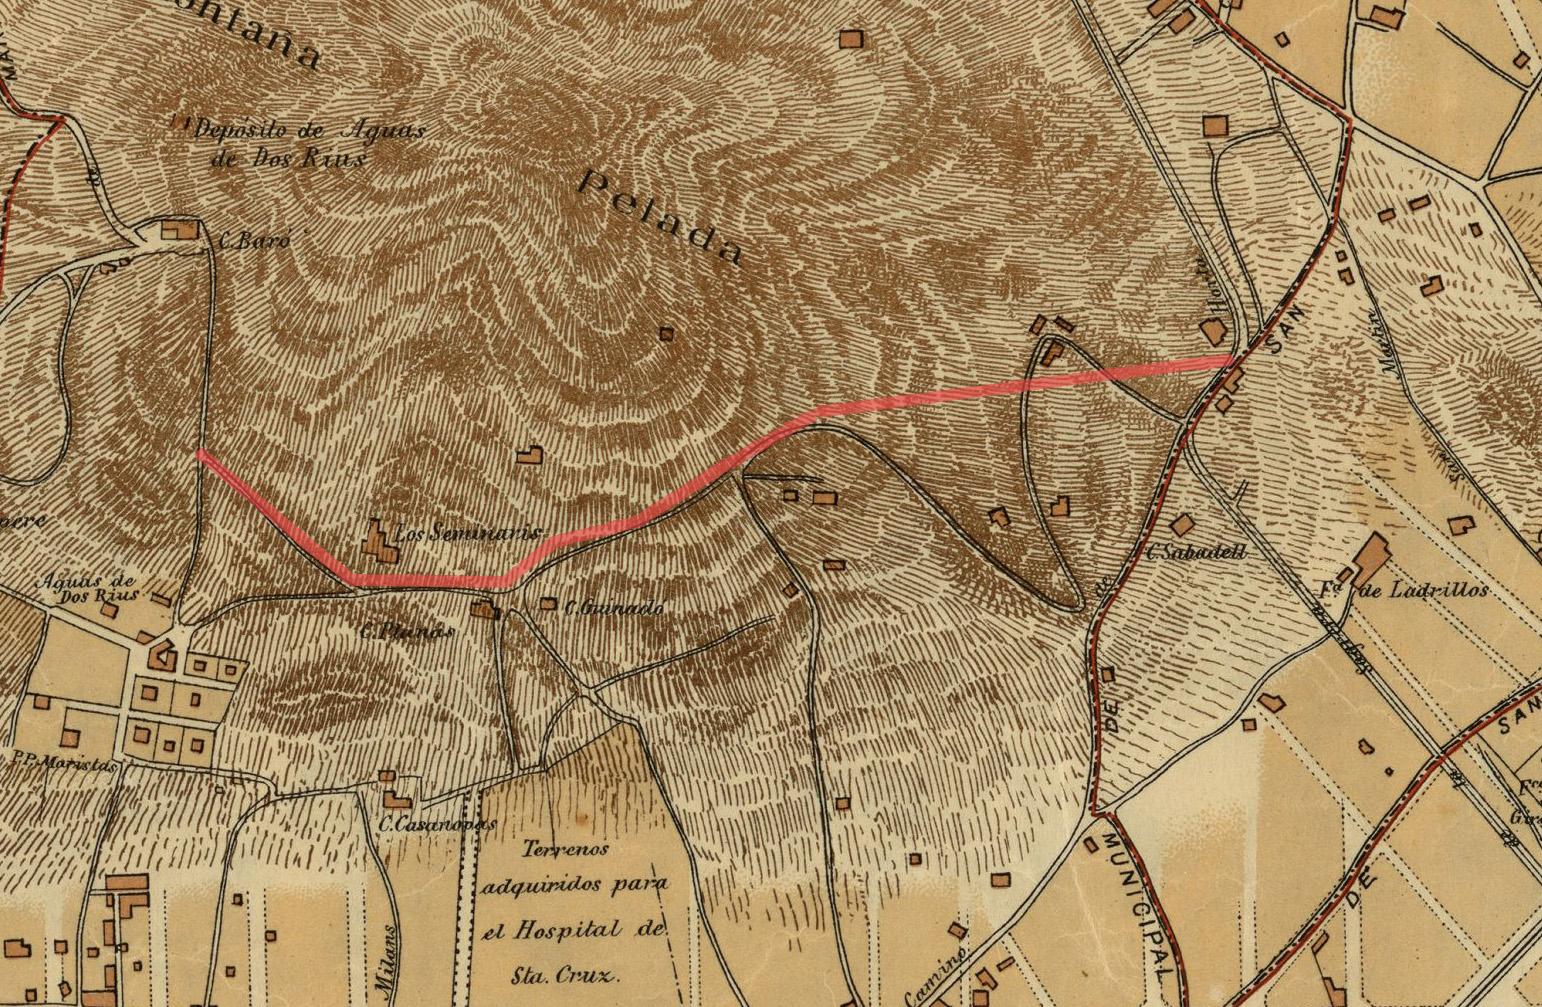 Memòria Dels Barris Història De L Avinguda Mare De Déu De Montserrat